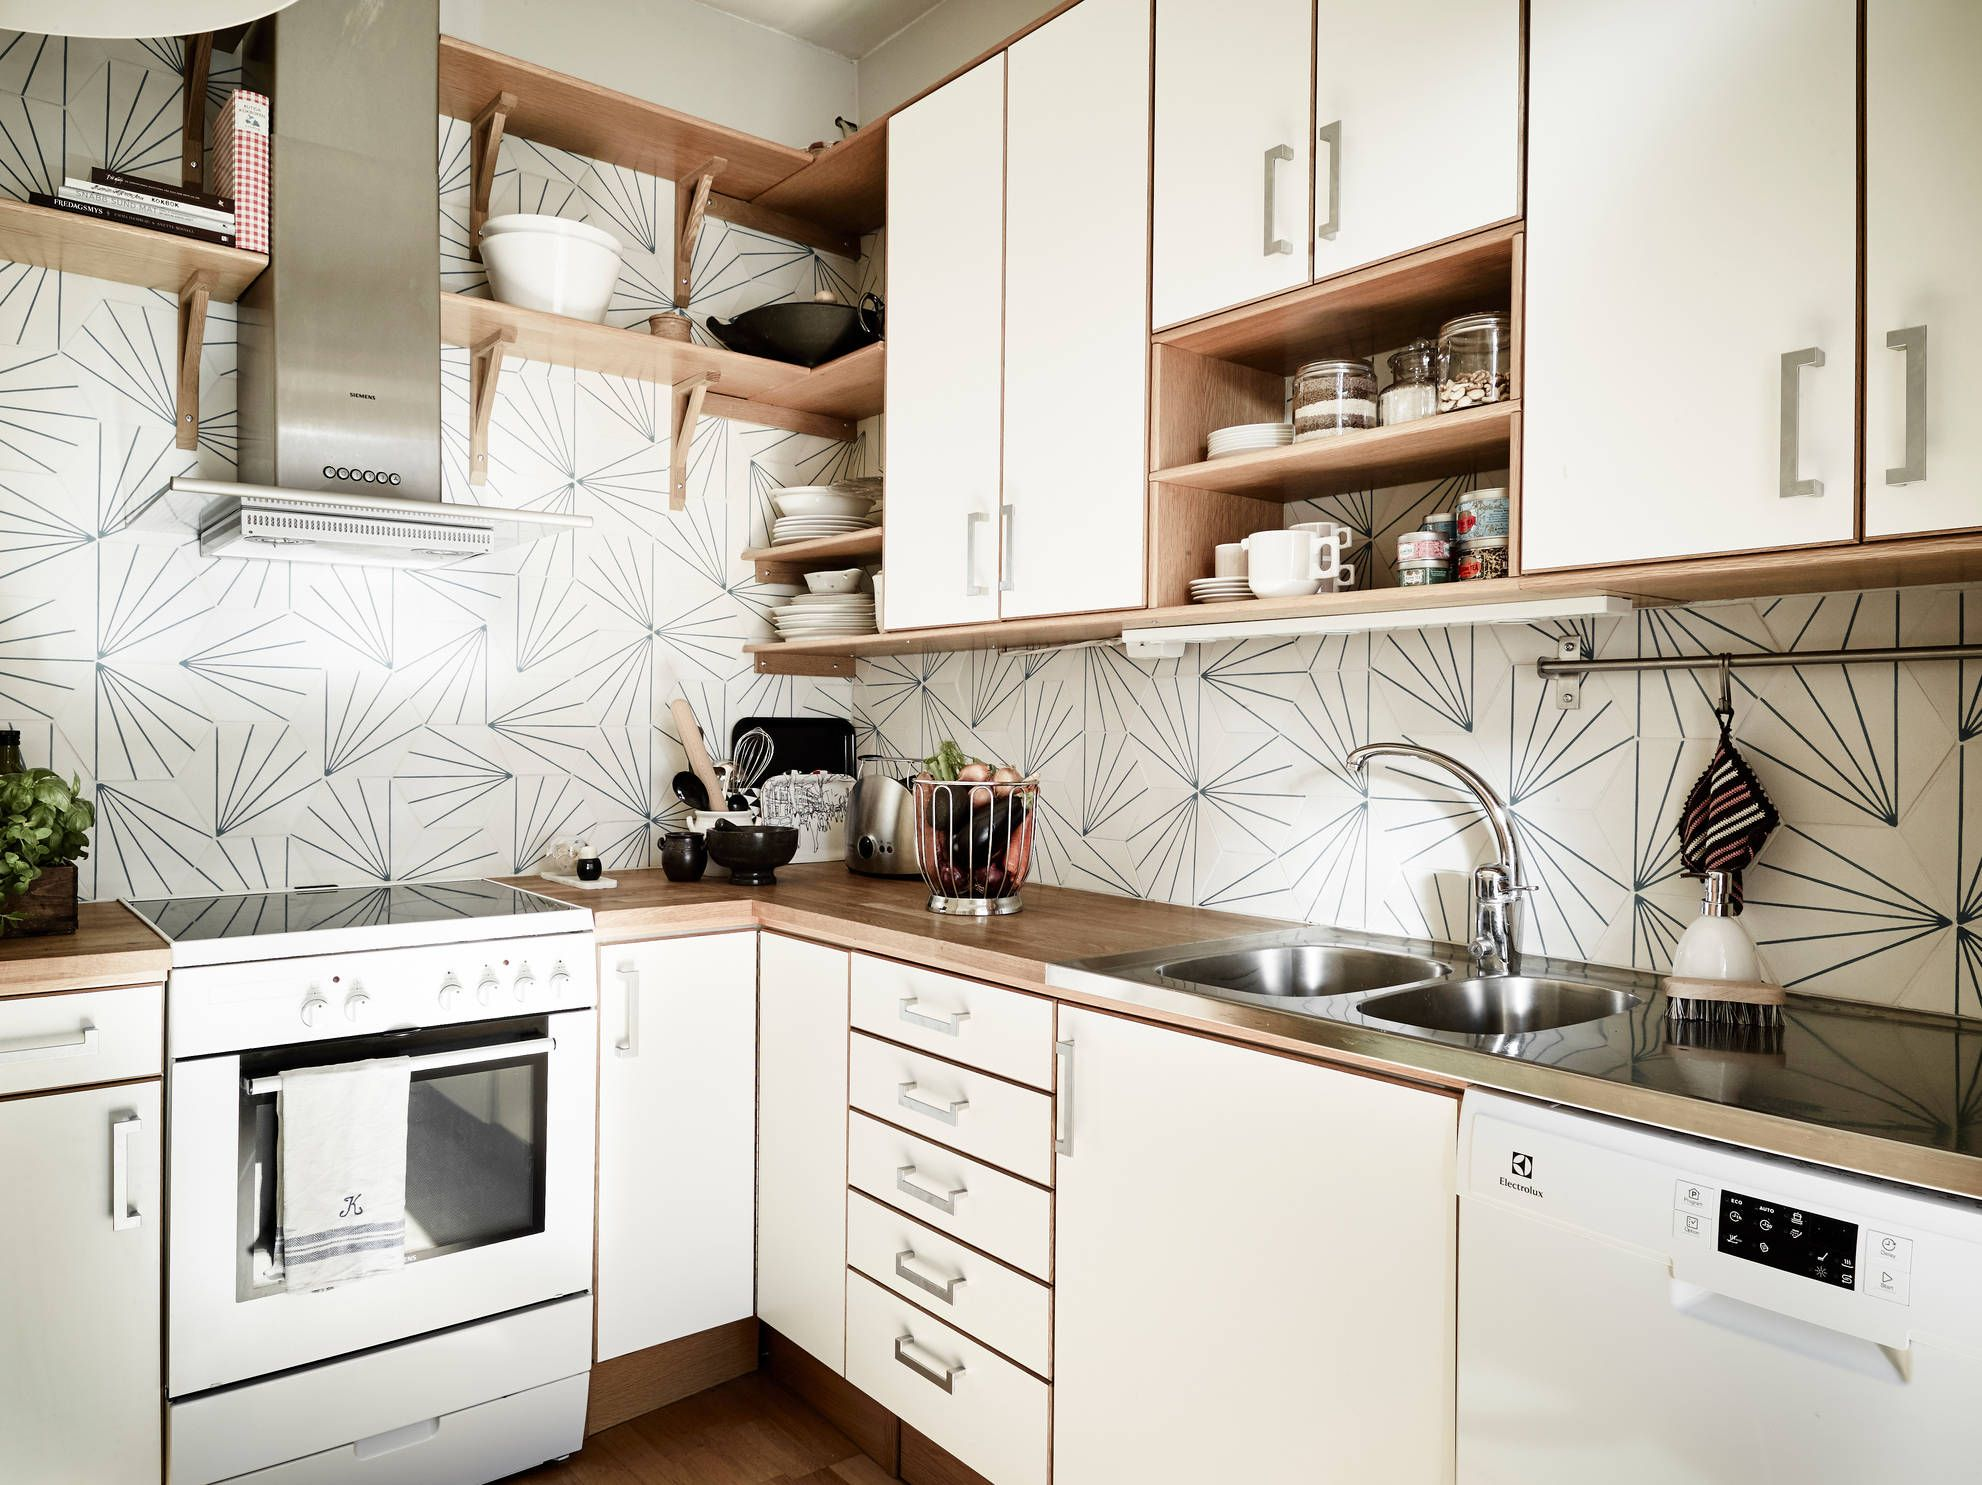 Image result for dandelion cement tile backsplash | Kitchen ...